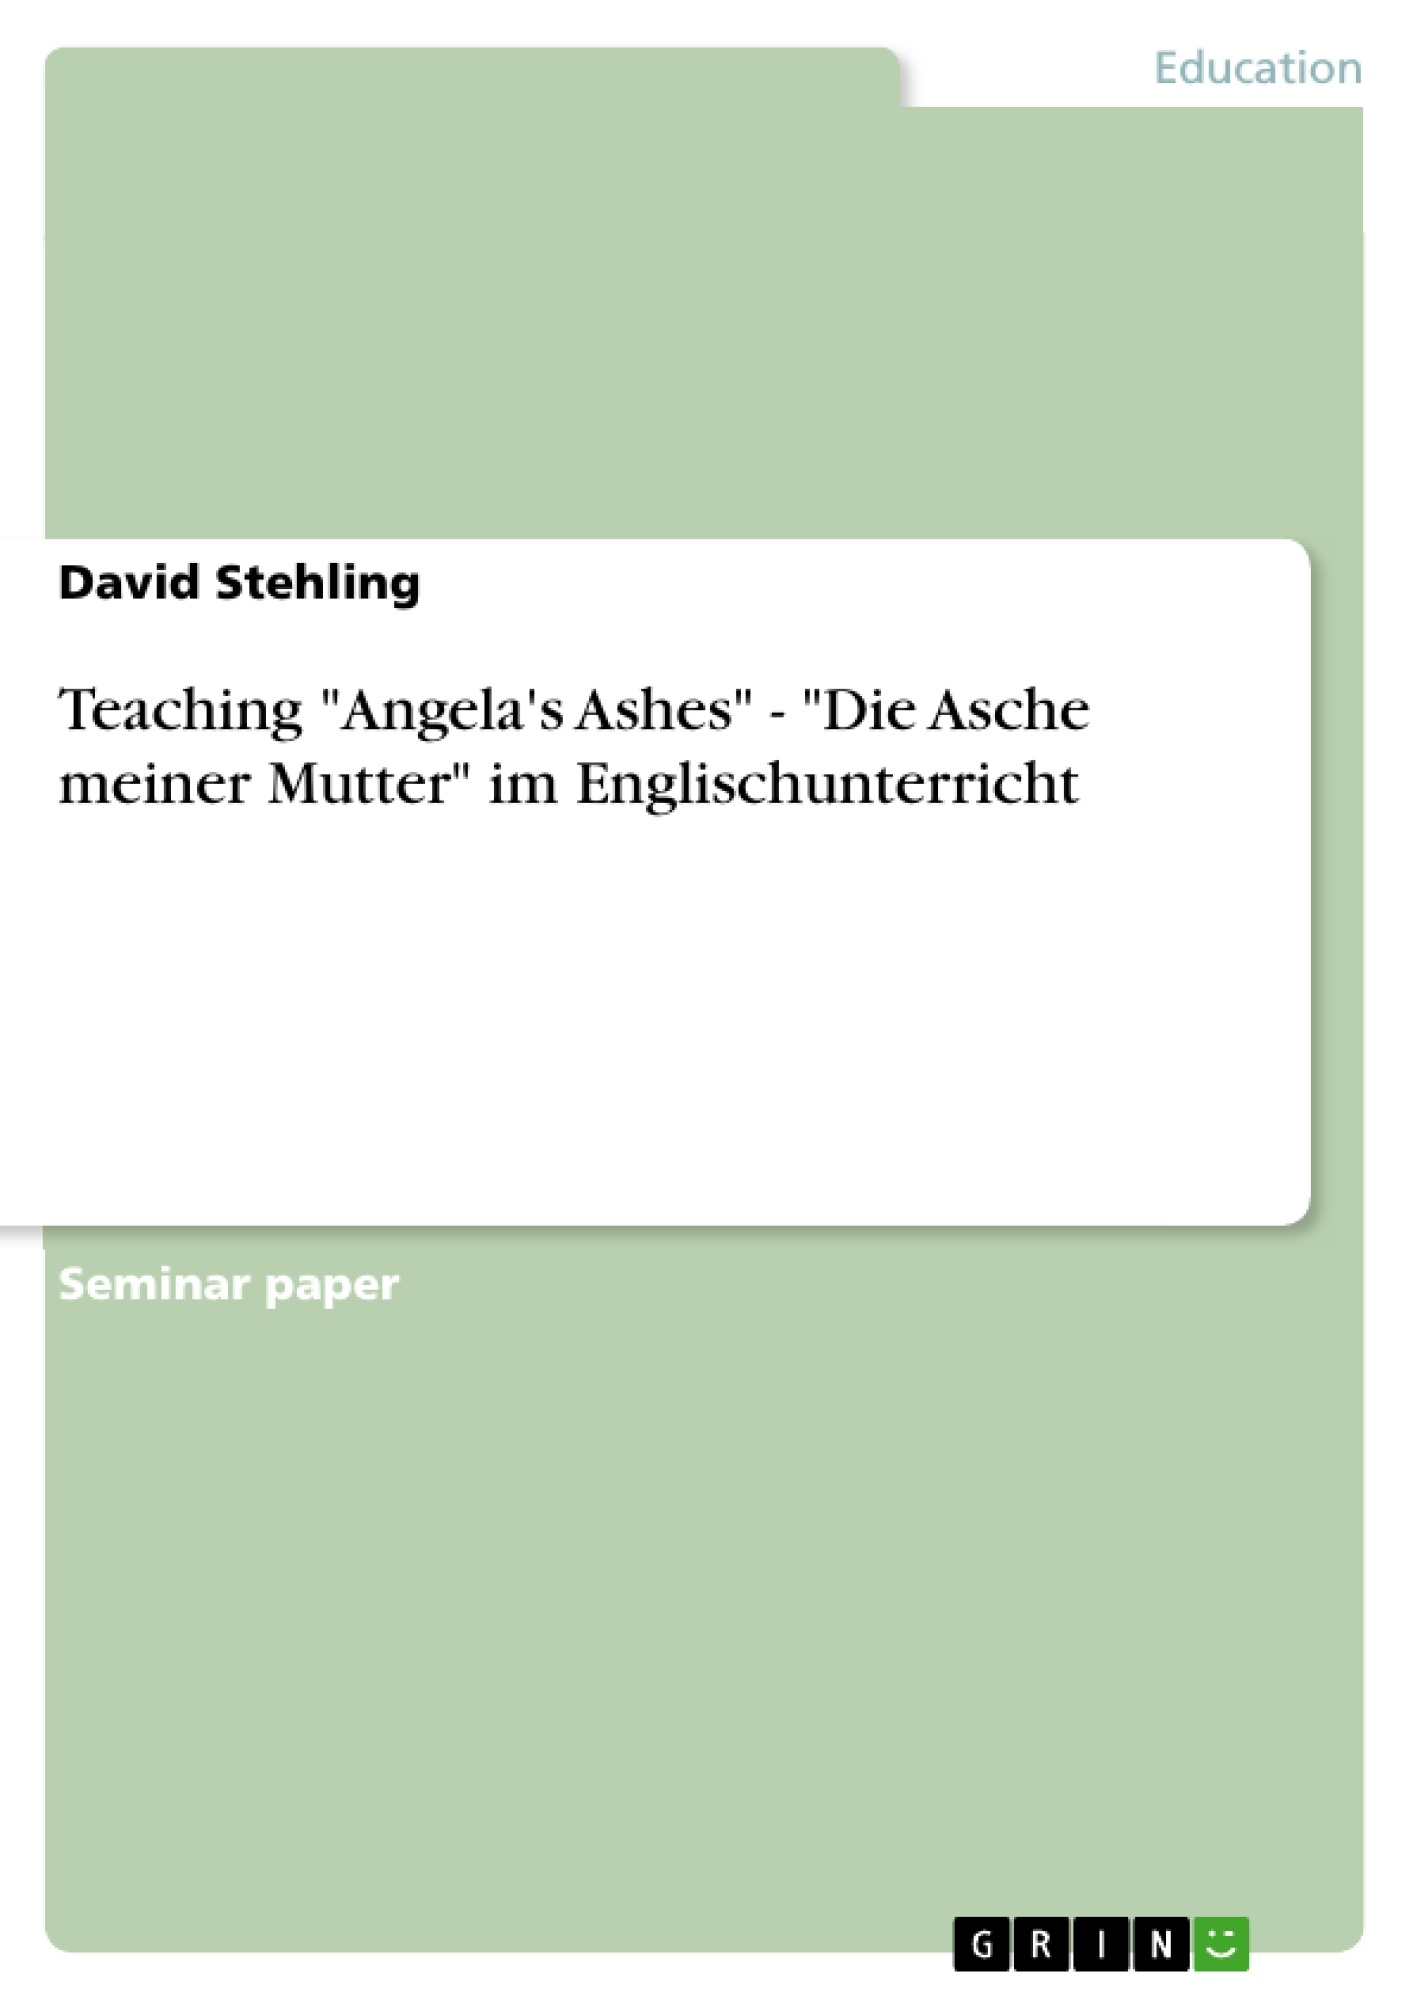 """Title: Teaching """"Angela's Ashes"""" - """"Die Asche meiner Mutter"""" im Englischunterricht"""